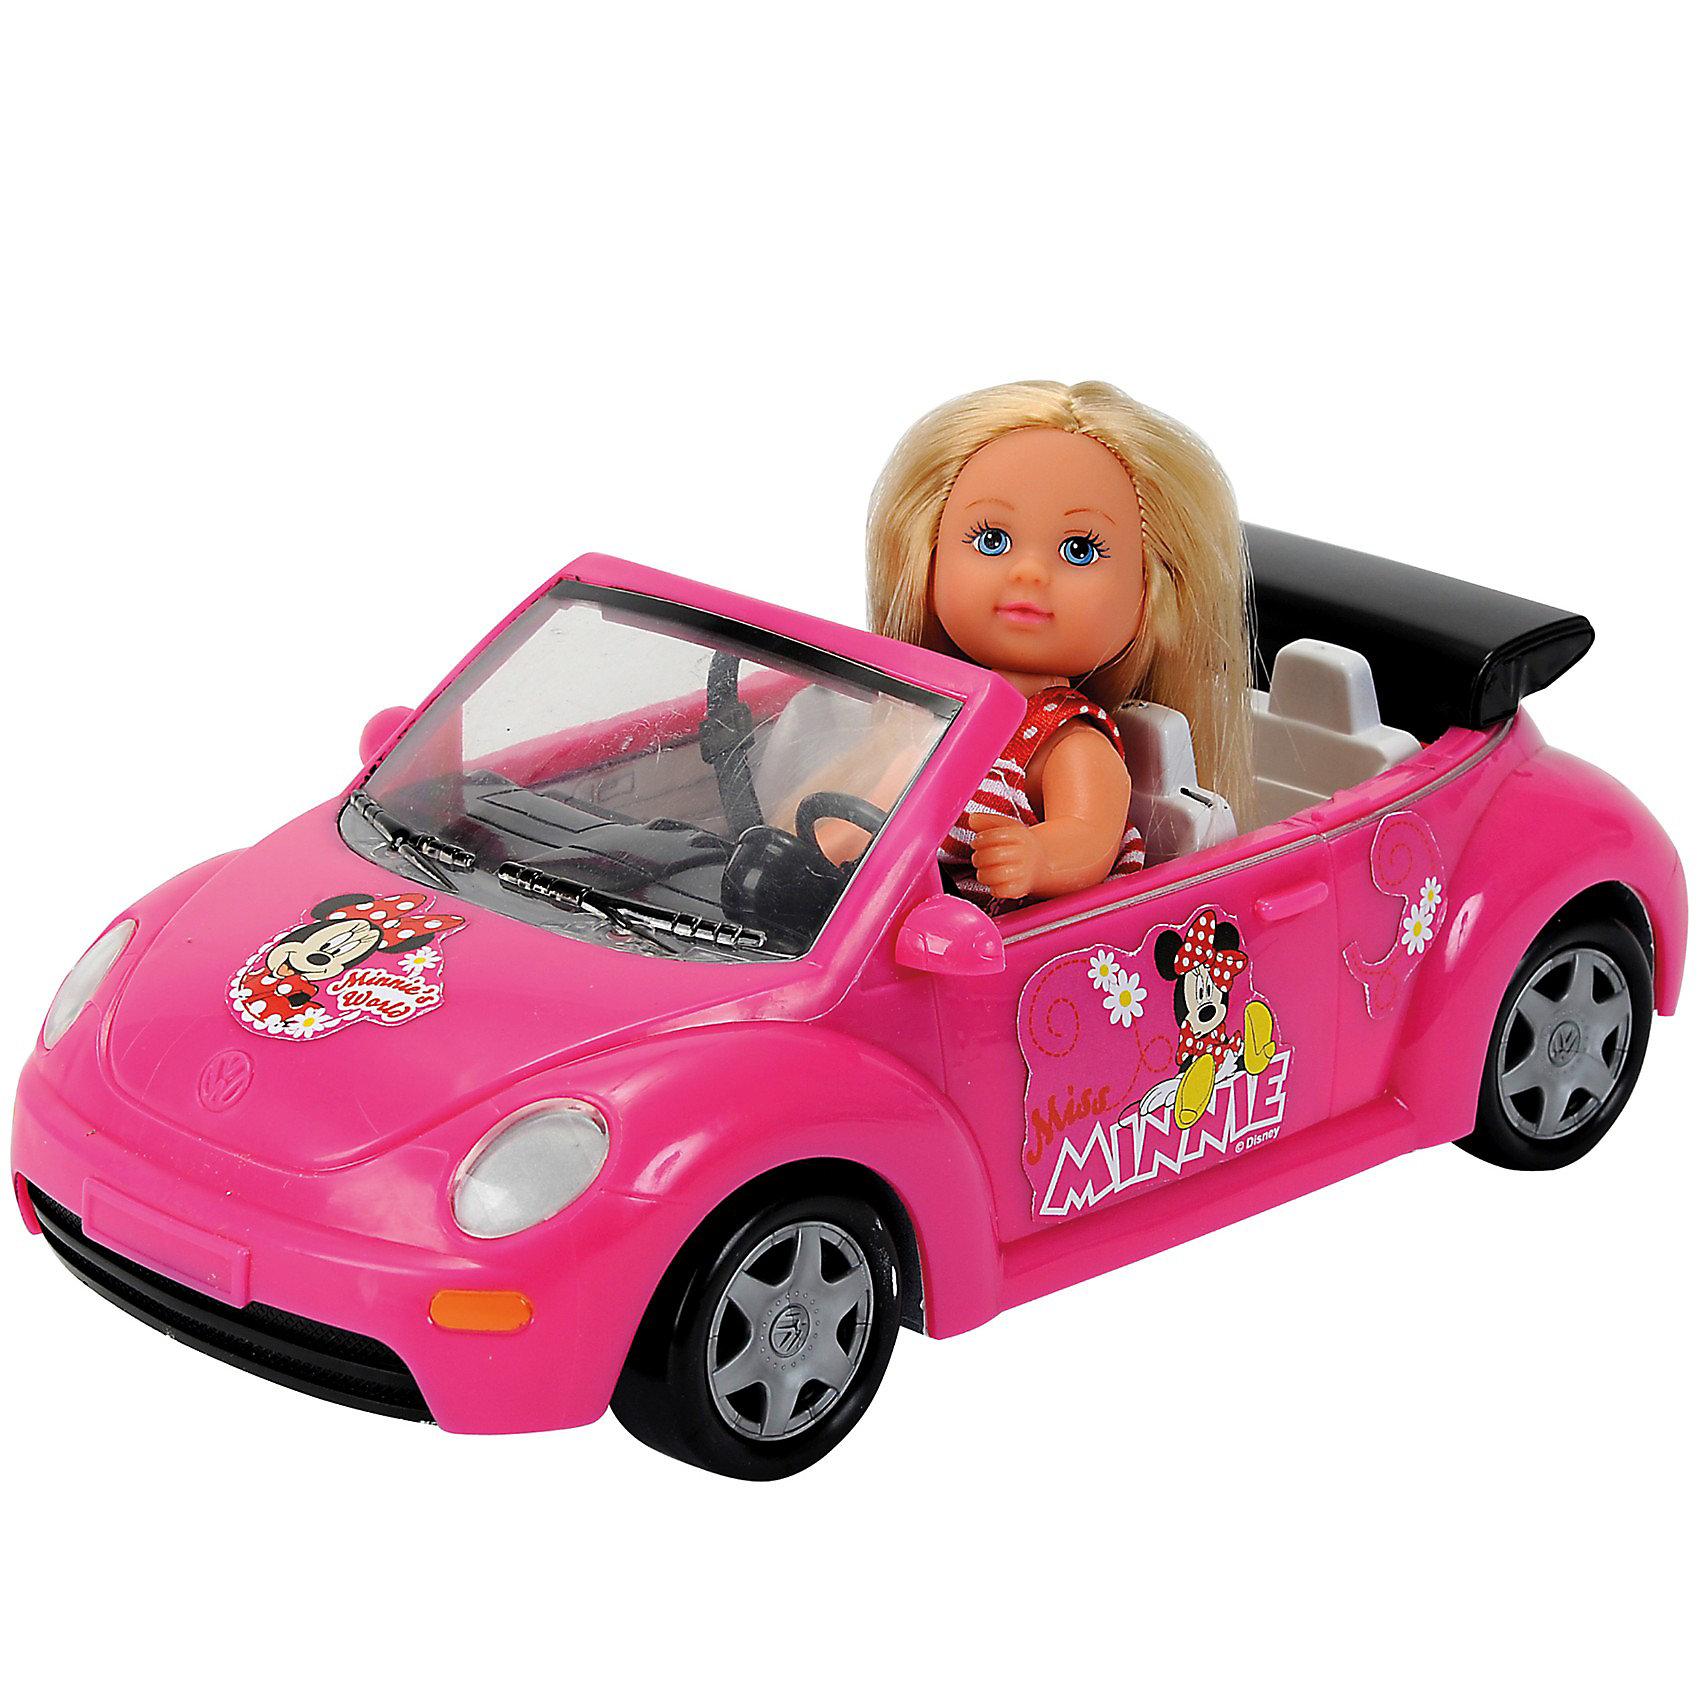 Кукла Еви, 12 см, SimbaХарактеристики:<br><br>• высота куклы Еви: 12 см;<br>• длина кабриолета: 22 см;<br>• аксессуары: ободок для Еви, чемодан на колесиках;<br>• материал: пластик, текстиль;<br>• размер упаковки: <br><br>Кукла Еви за рулем красного кабриолета выглядит шикарно. Еви отправляется в аэропорт, откуда и полетит на отдых. В чемоданчике Еви собраны самые необходимые для отпуска вещицы. В кабриолете не открываются дверцы, благодаря откидному верху Еви легко садится за руль. <br><br>Кукла Еви, 12 см, Кабриолет, Simba можно купить в нашем магазине.<br><br>Ширина мм: 123<br>Глубина мм: 258<br>Высота мм: 162<br>Вес г: 366<br>Возраст от месяцев: 36<br>Возраст до месяцев: 72<br>Пол: Женский<br>Возраст: Детский<br>SKU: 3159660